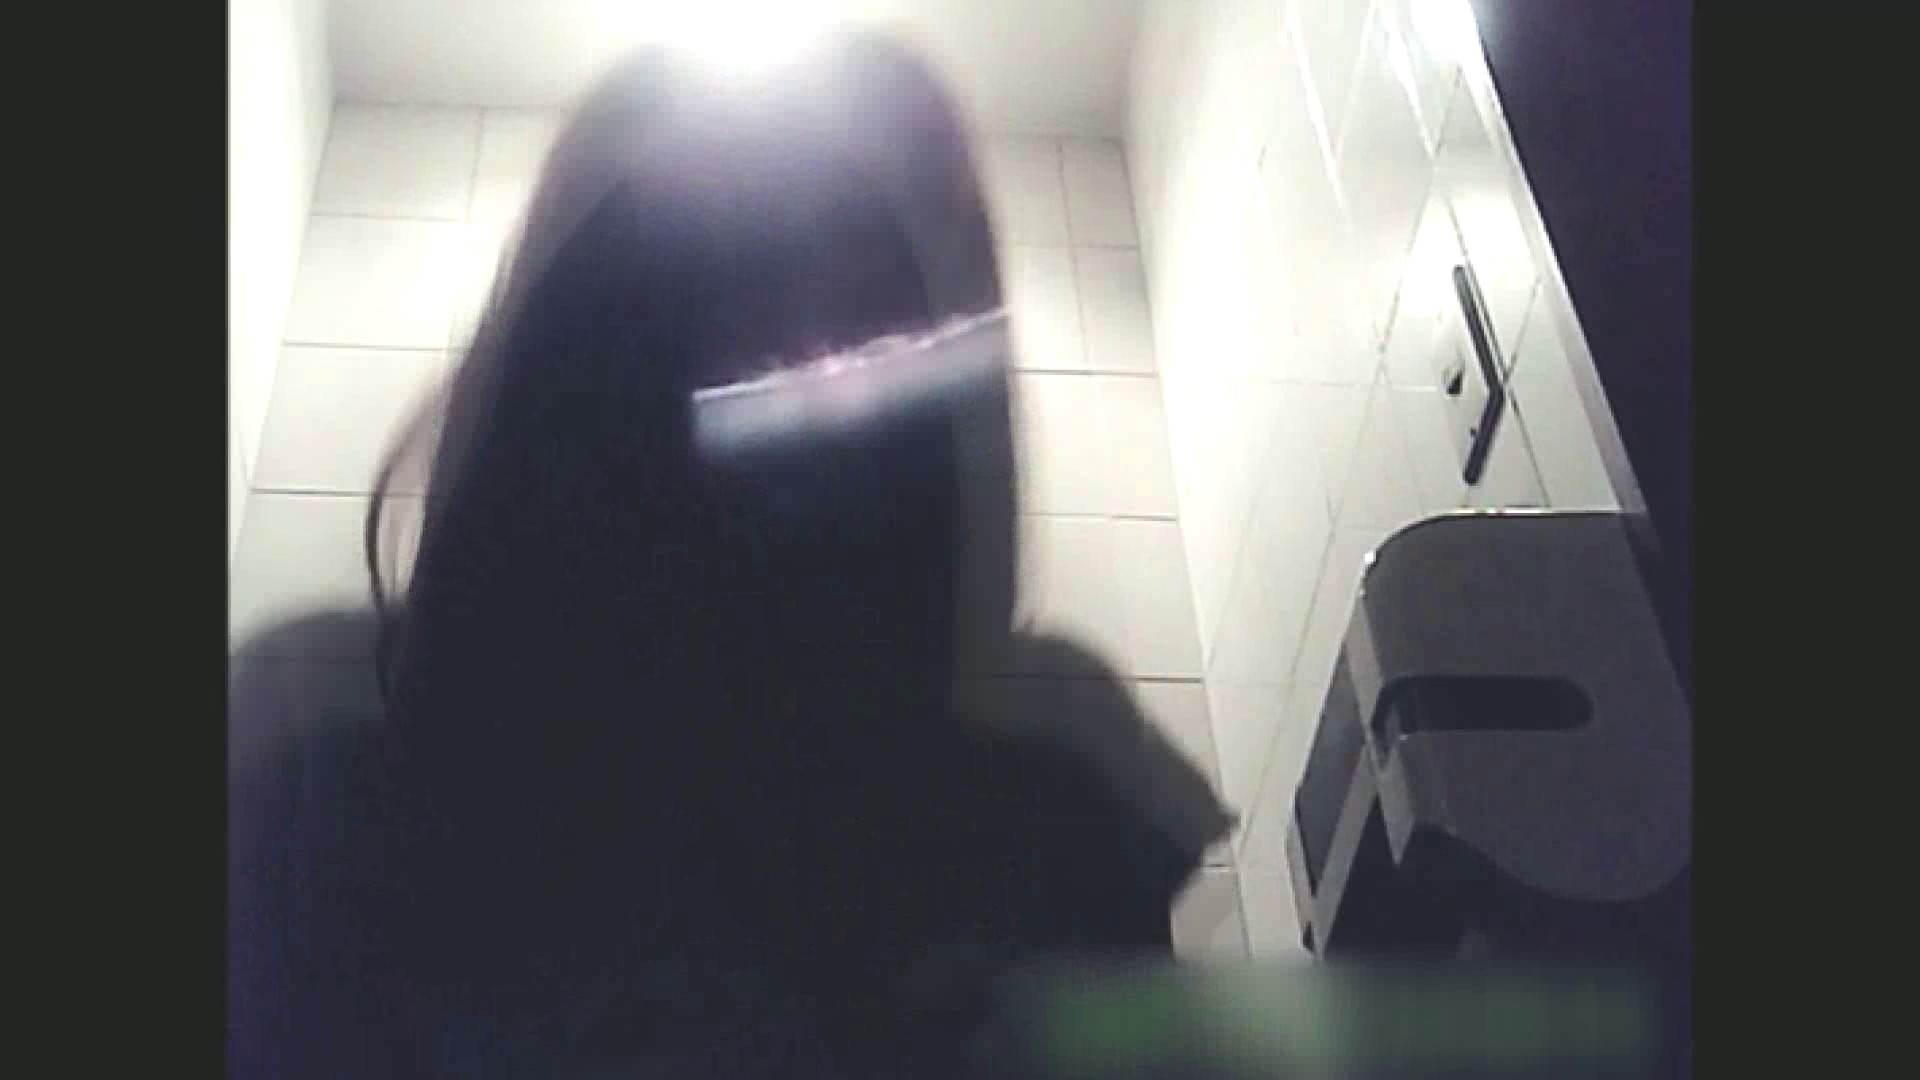 実録!!綺麗なお姉さんのトイレ事情・・・。vol.1 ナプキン | 美女OL  63連発 58